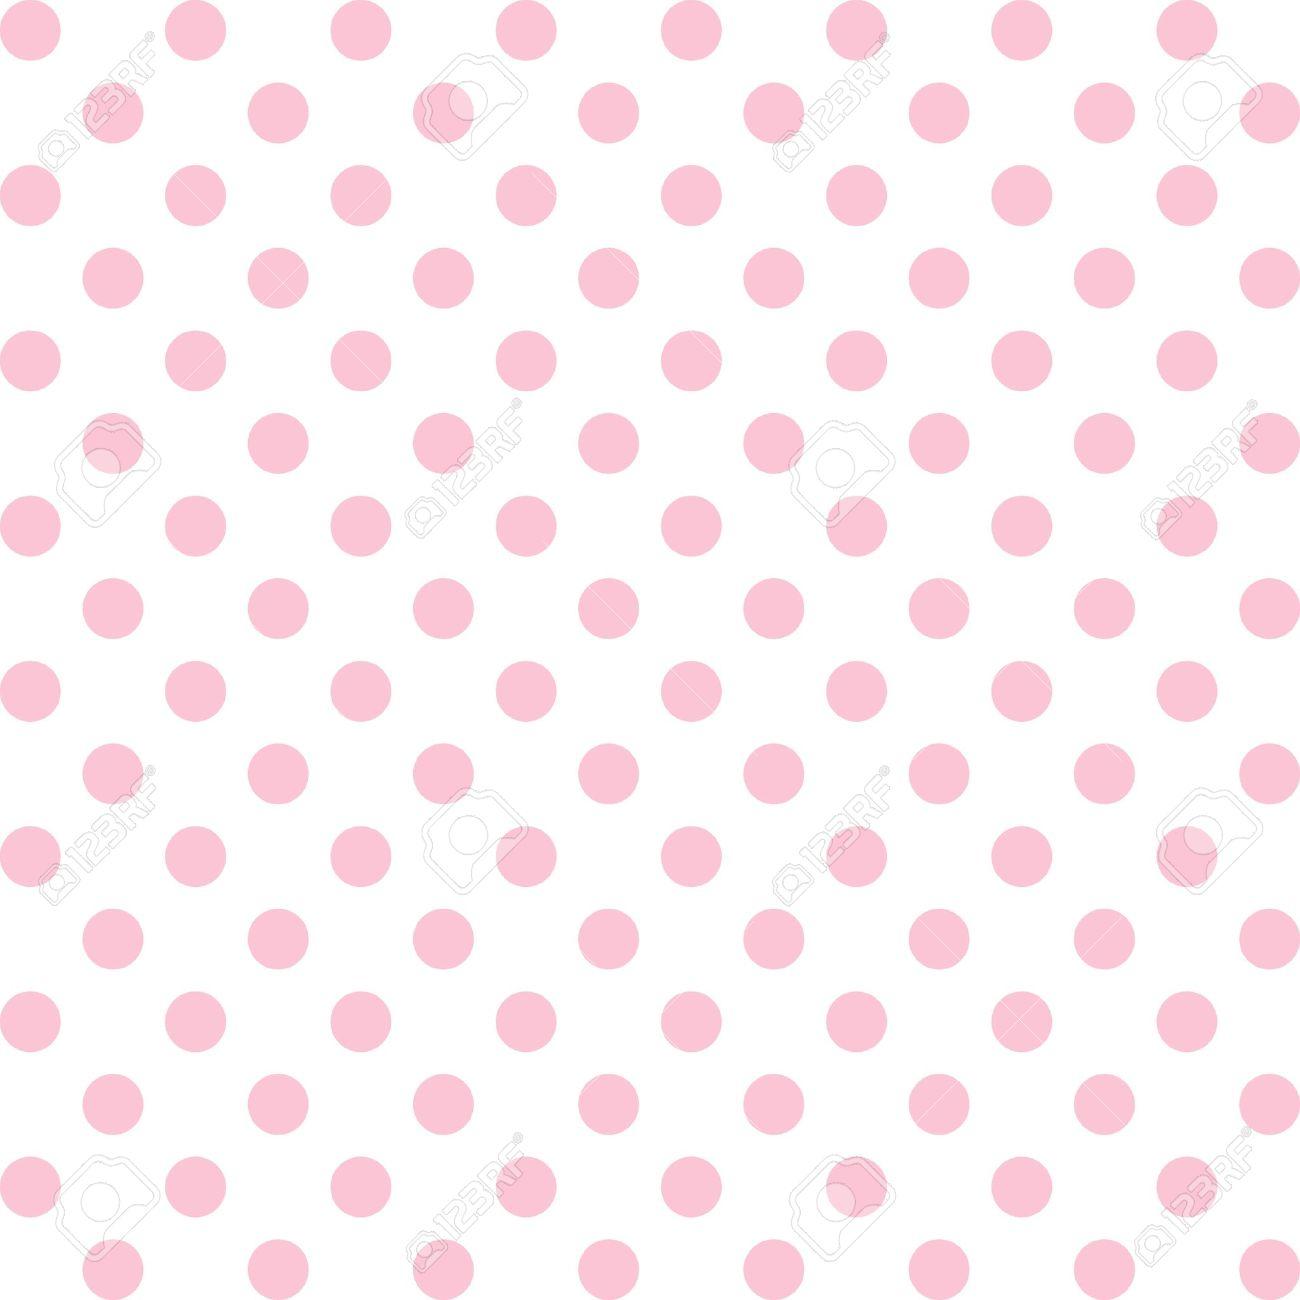 Fondo de lunares blanco y rosa